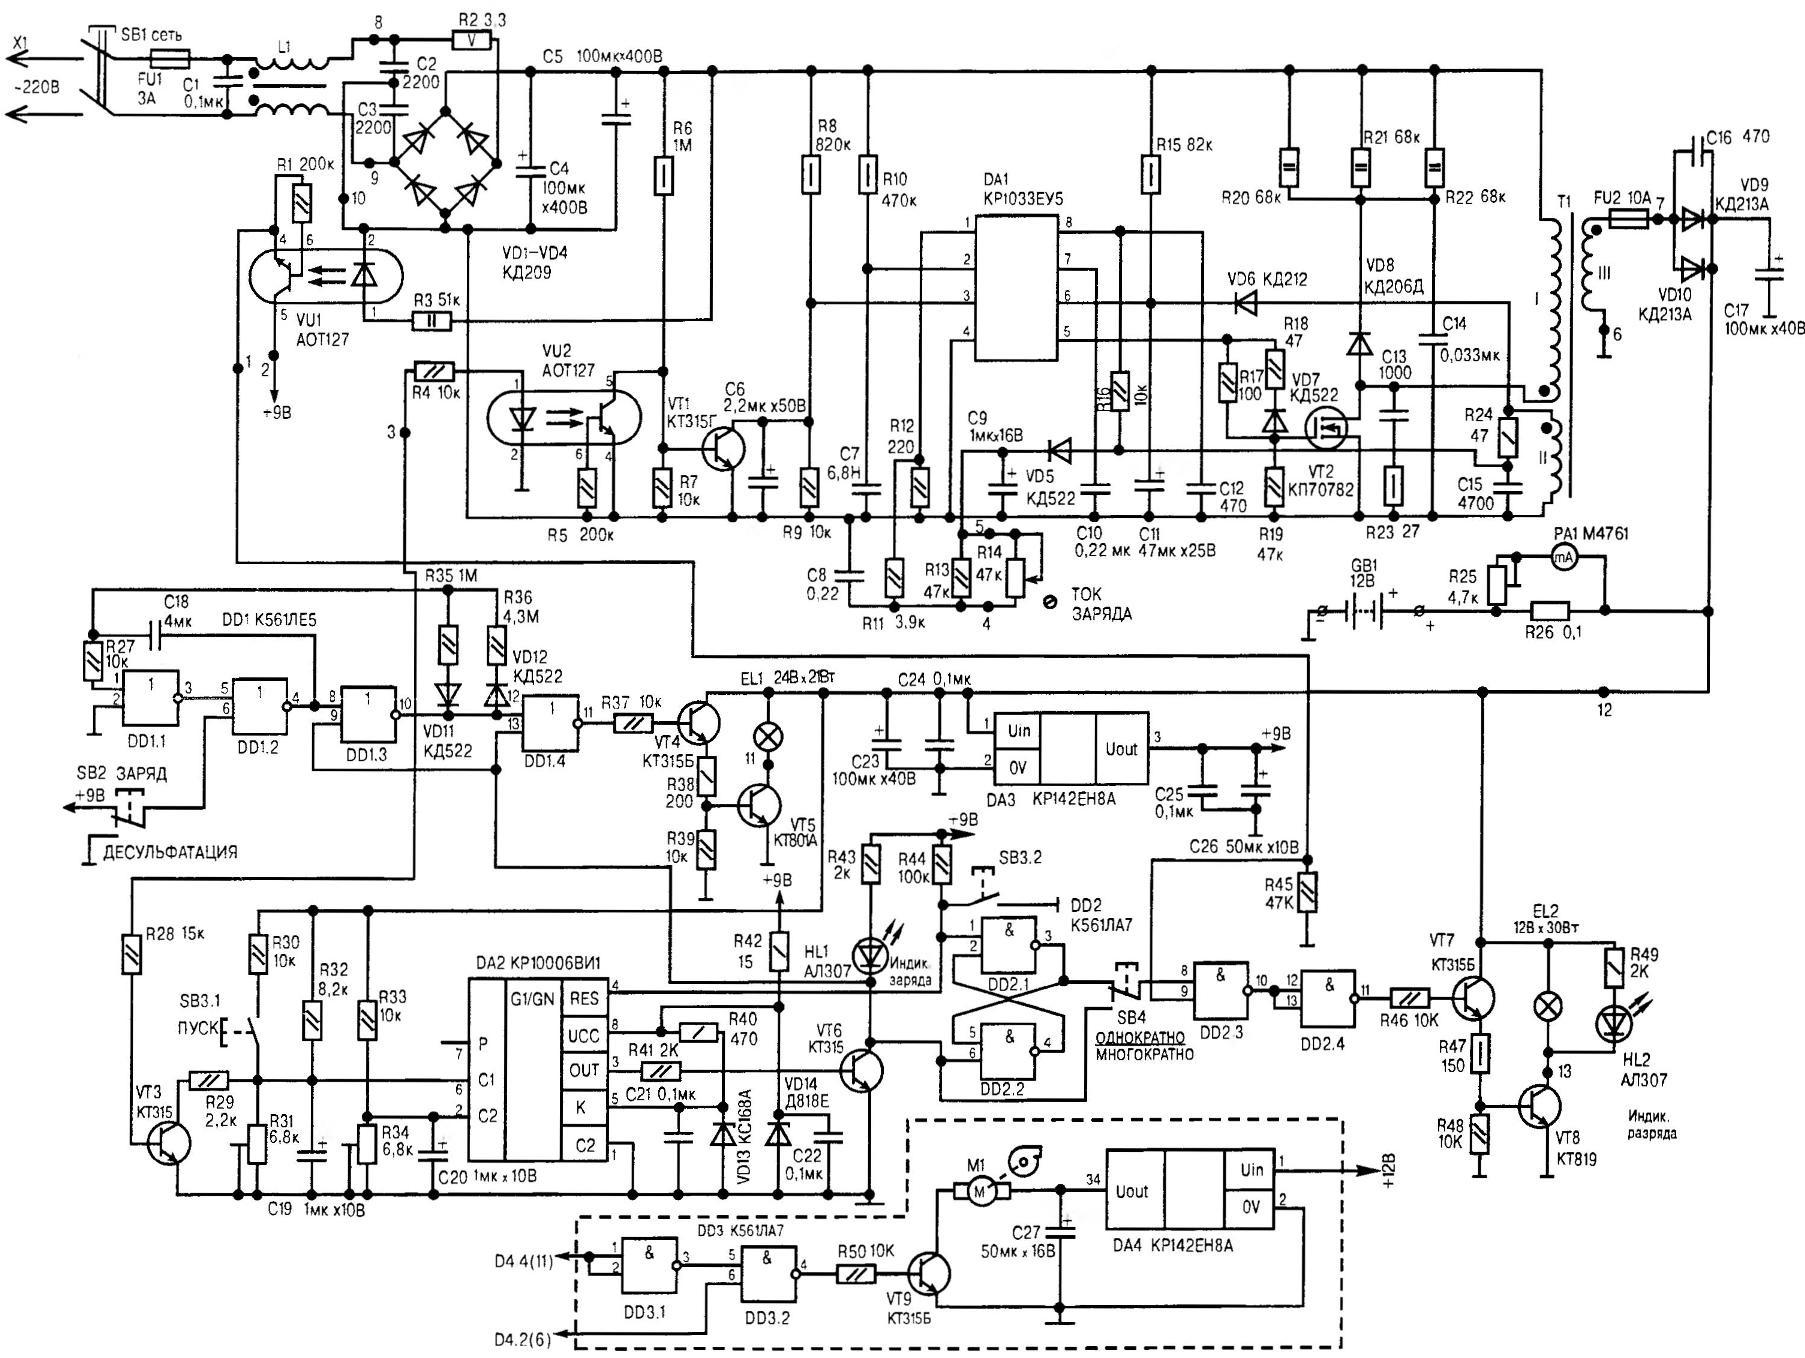 Принципиальная электрическая схема импульсного автоматического разряднозарядного устройства